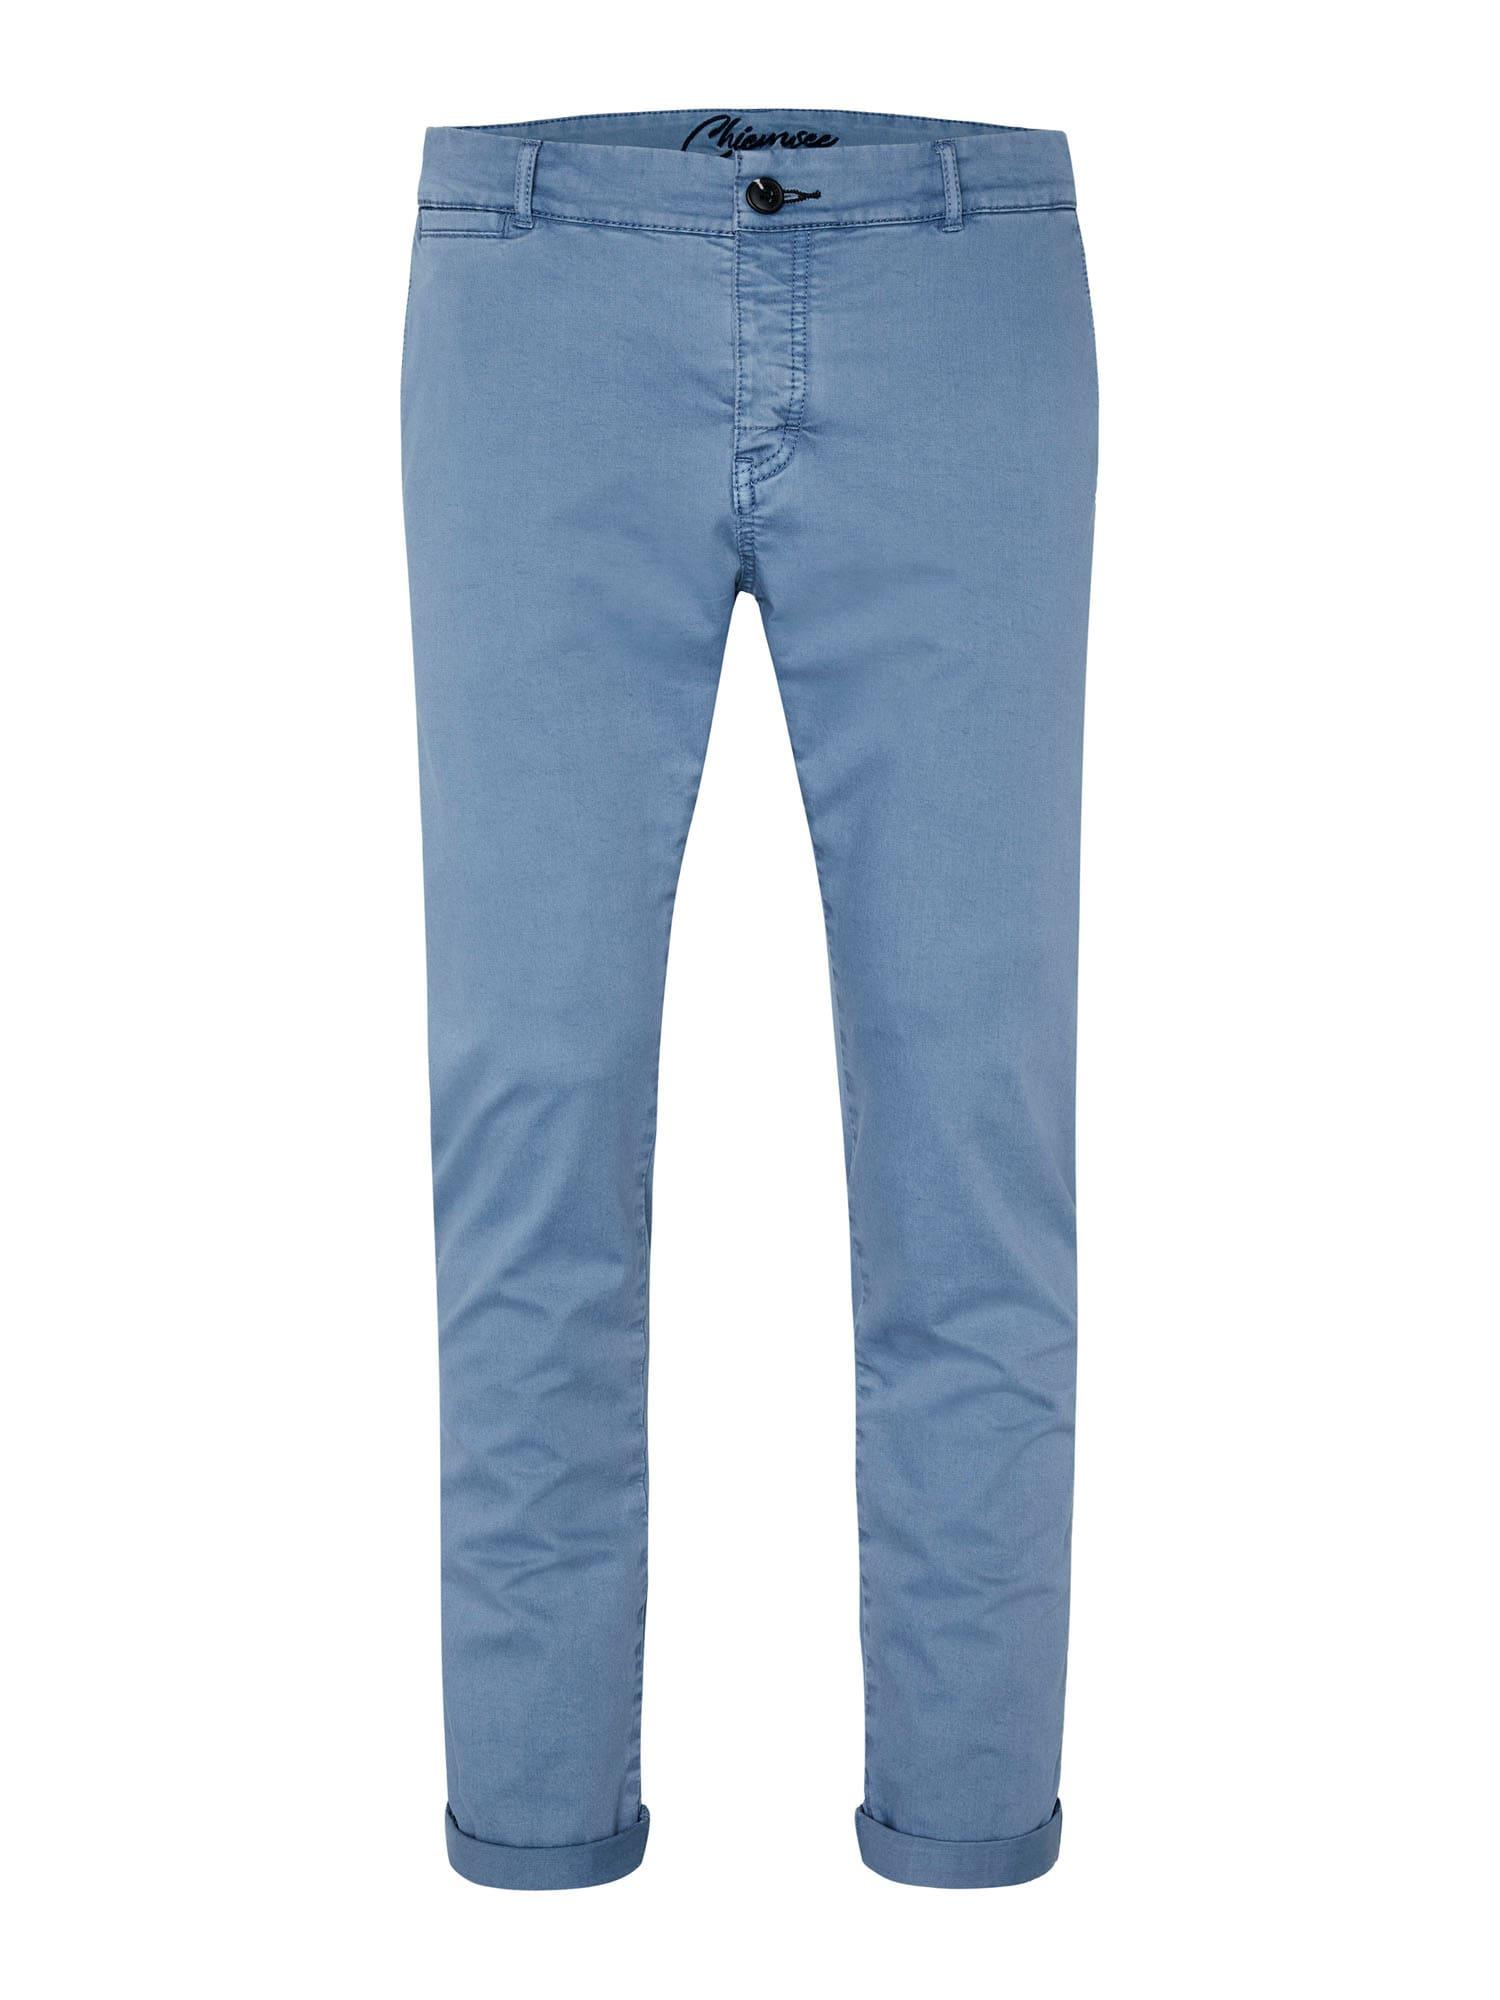 CHIEMSEE Outdoorové kalhoty  modrá